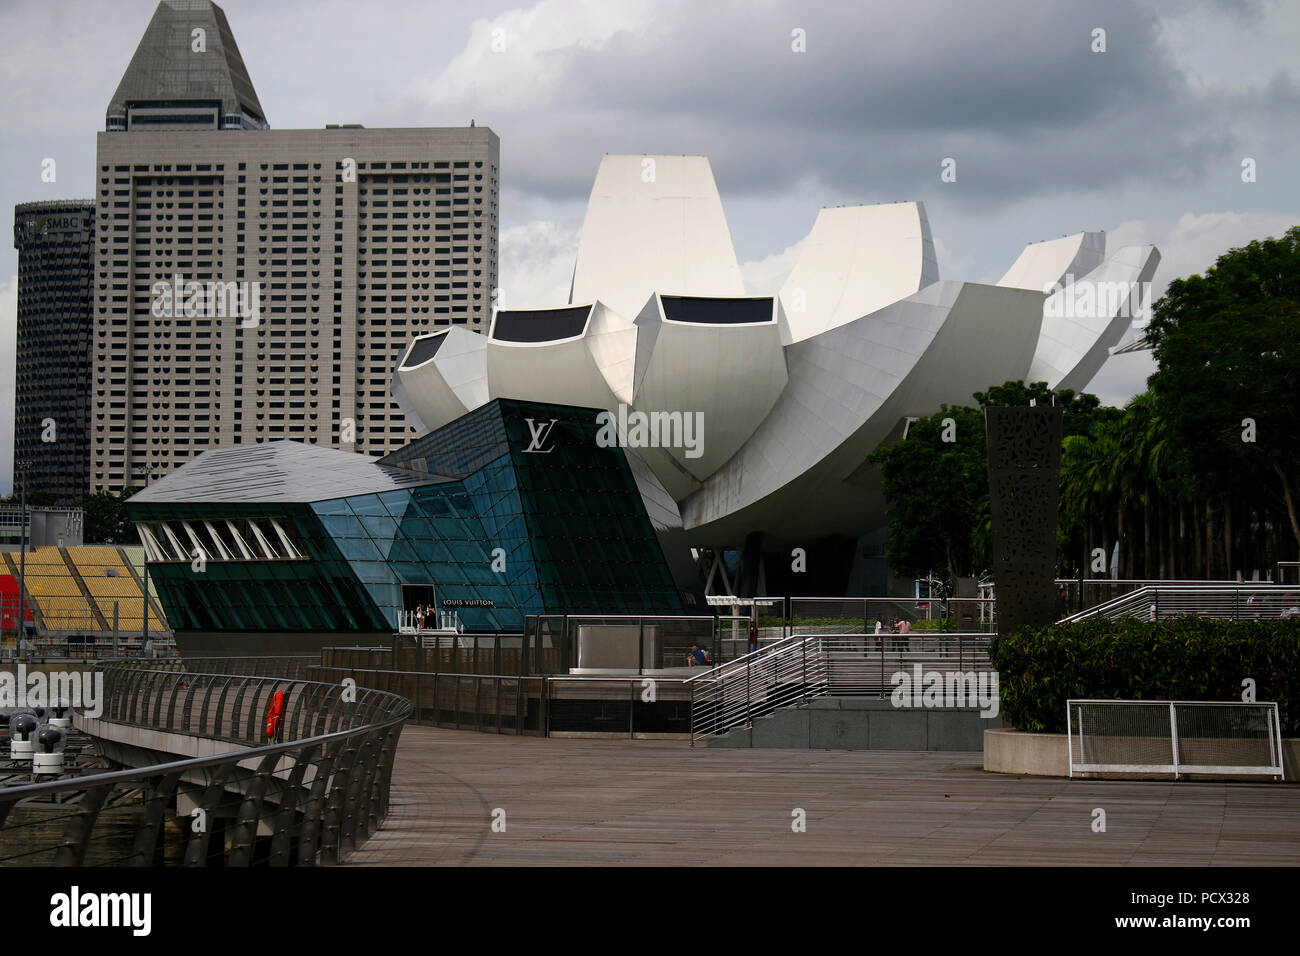 ArtScience Museum, Singapur. - Stock Image